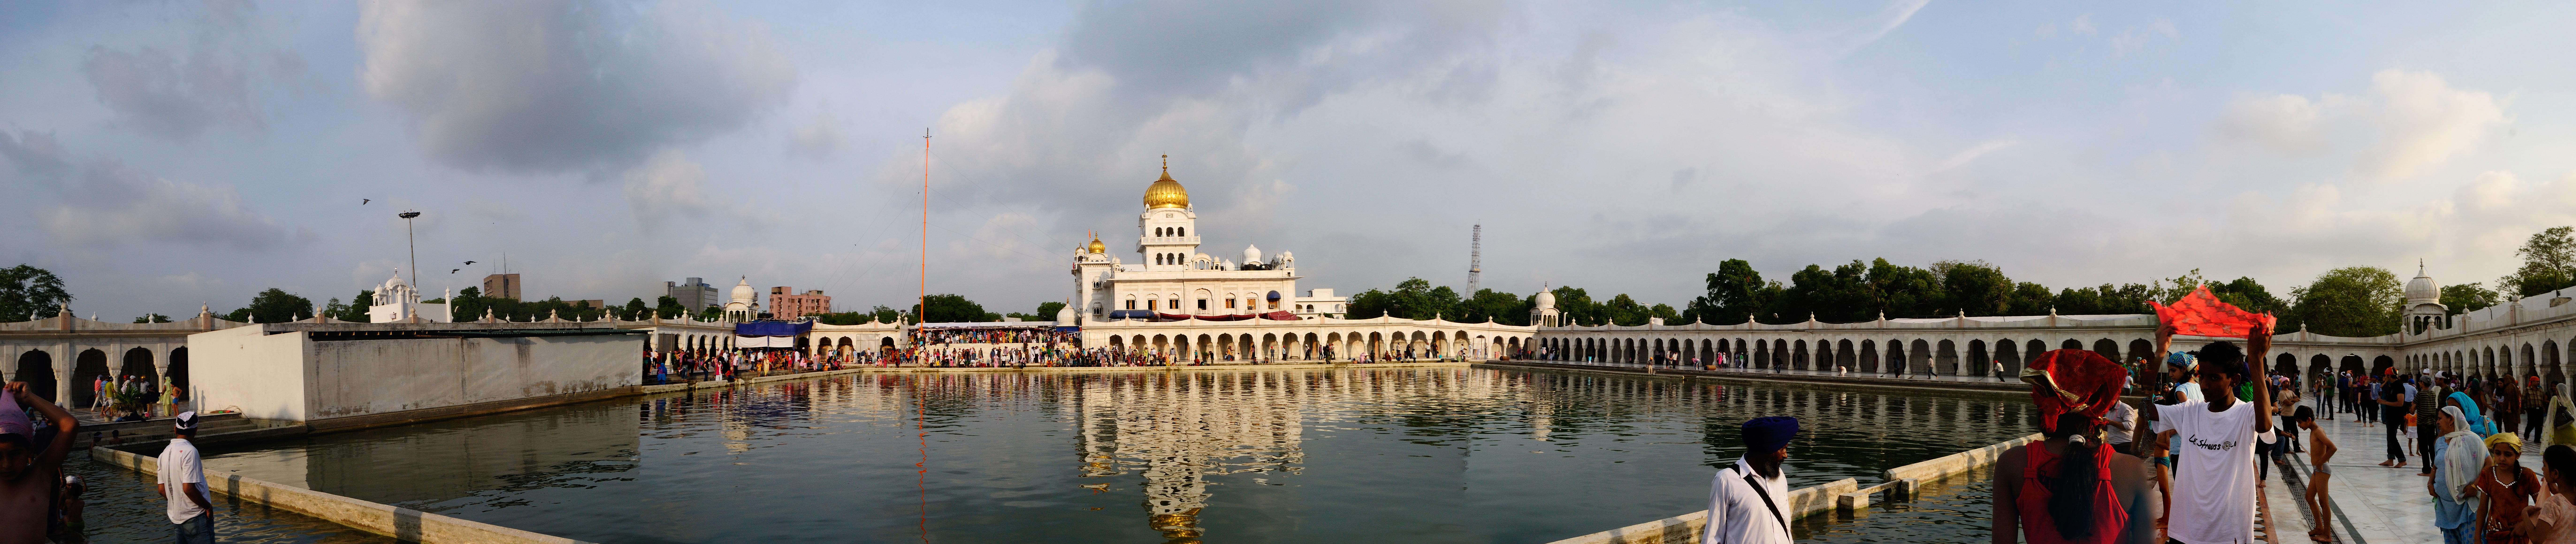 Bangla Sahib Gurdwara Panorama